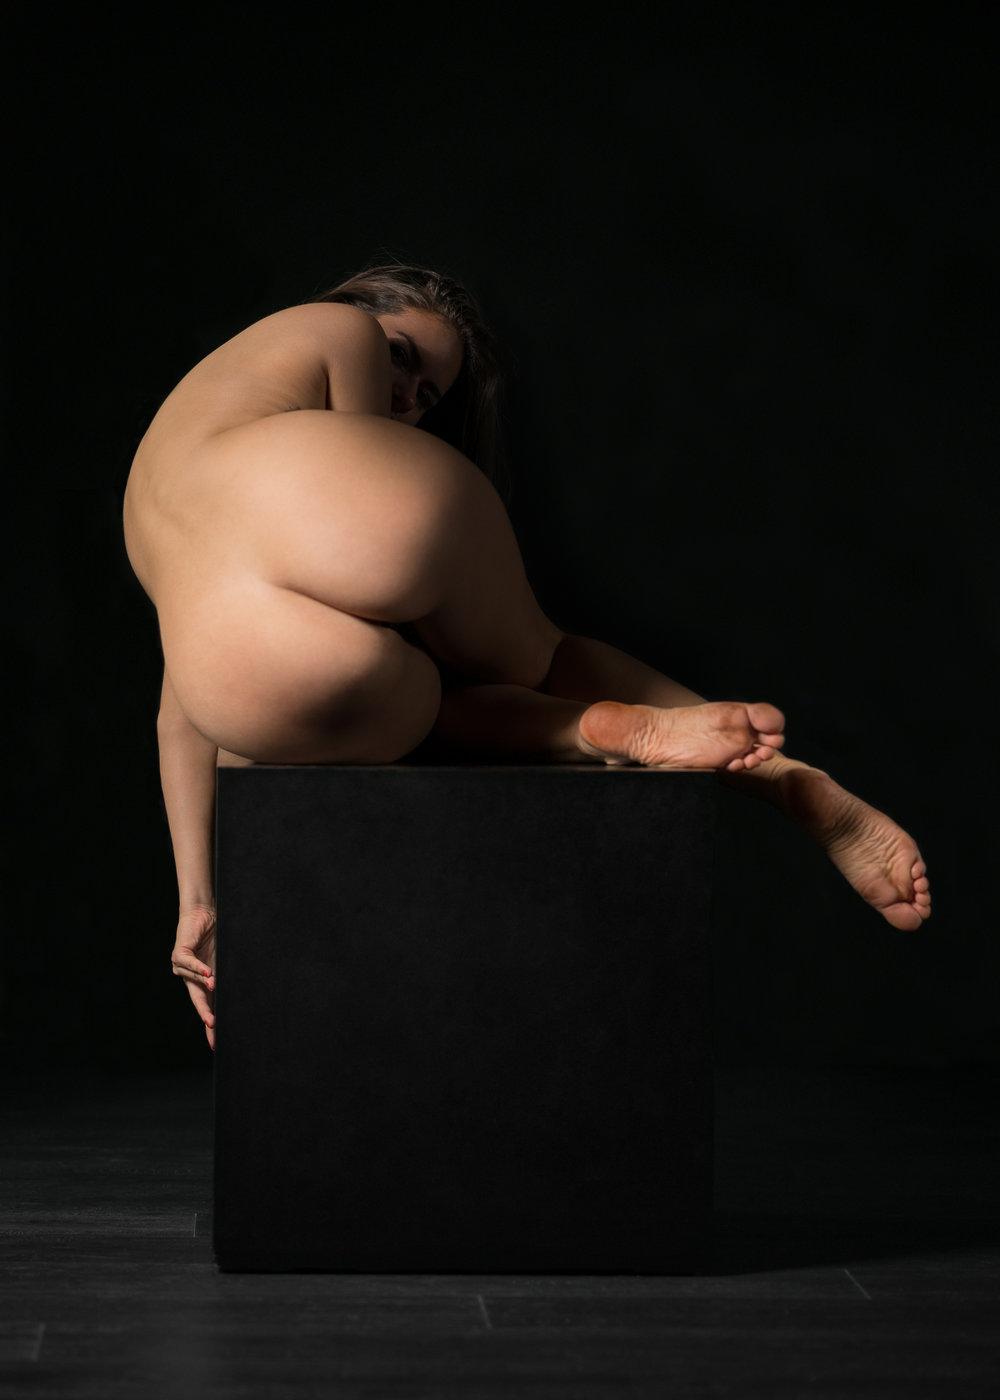 Izabella Aparicio